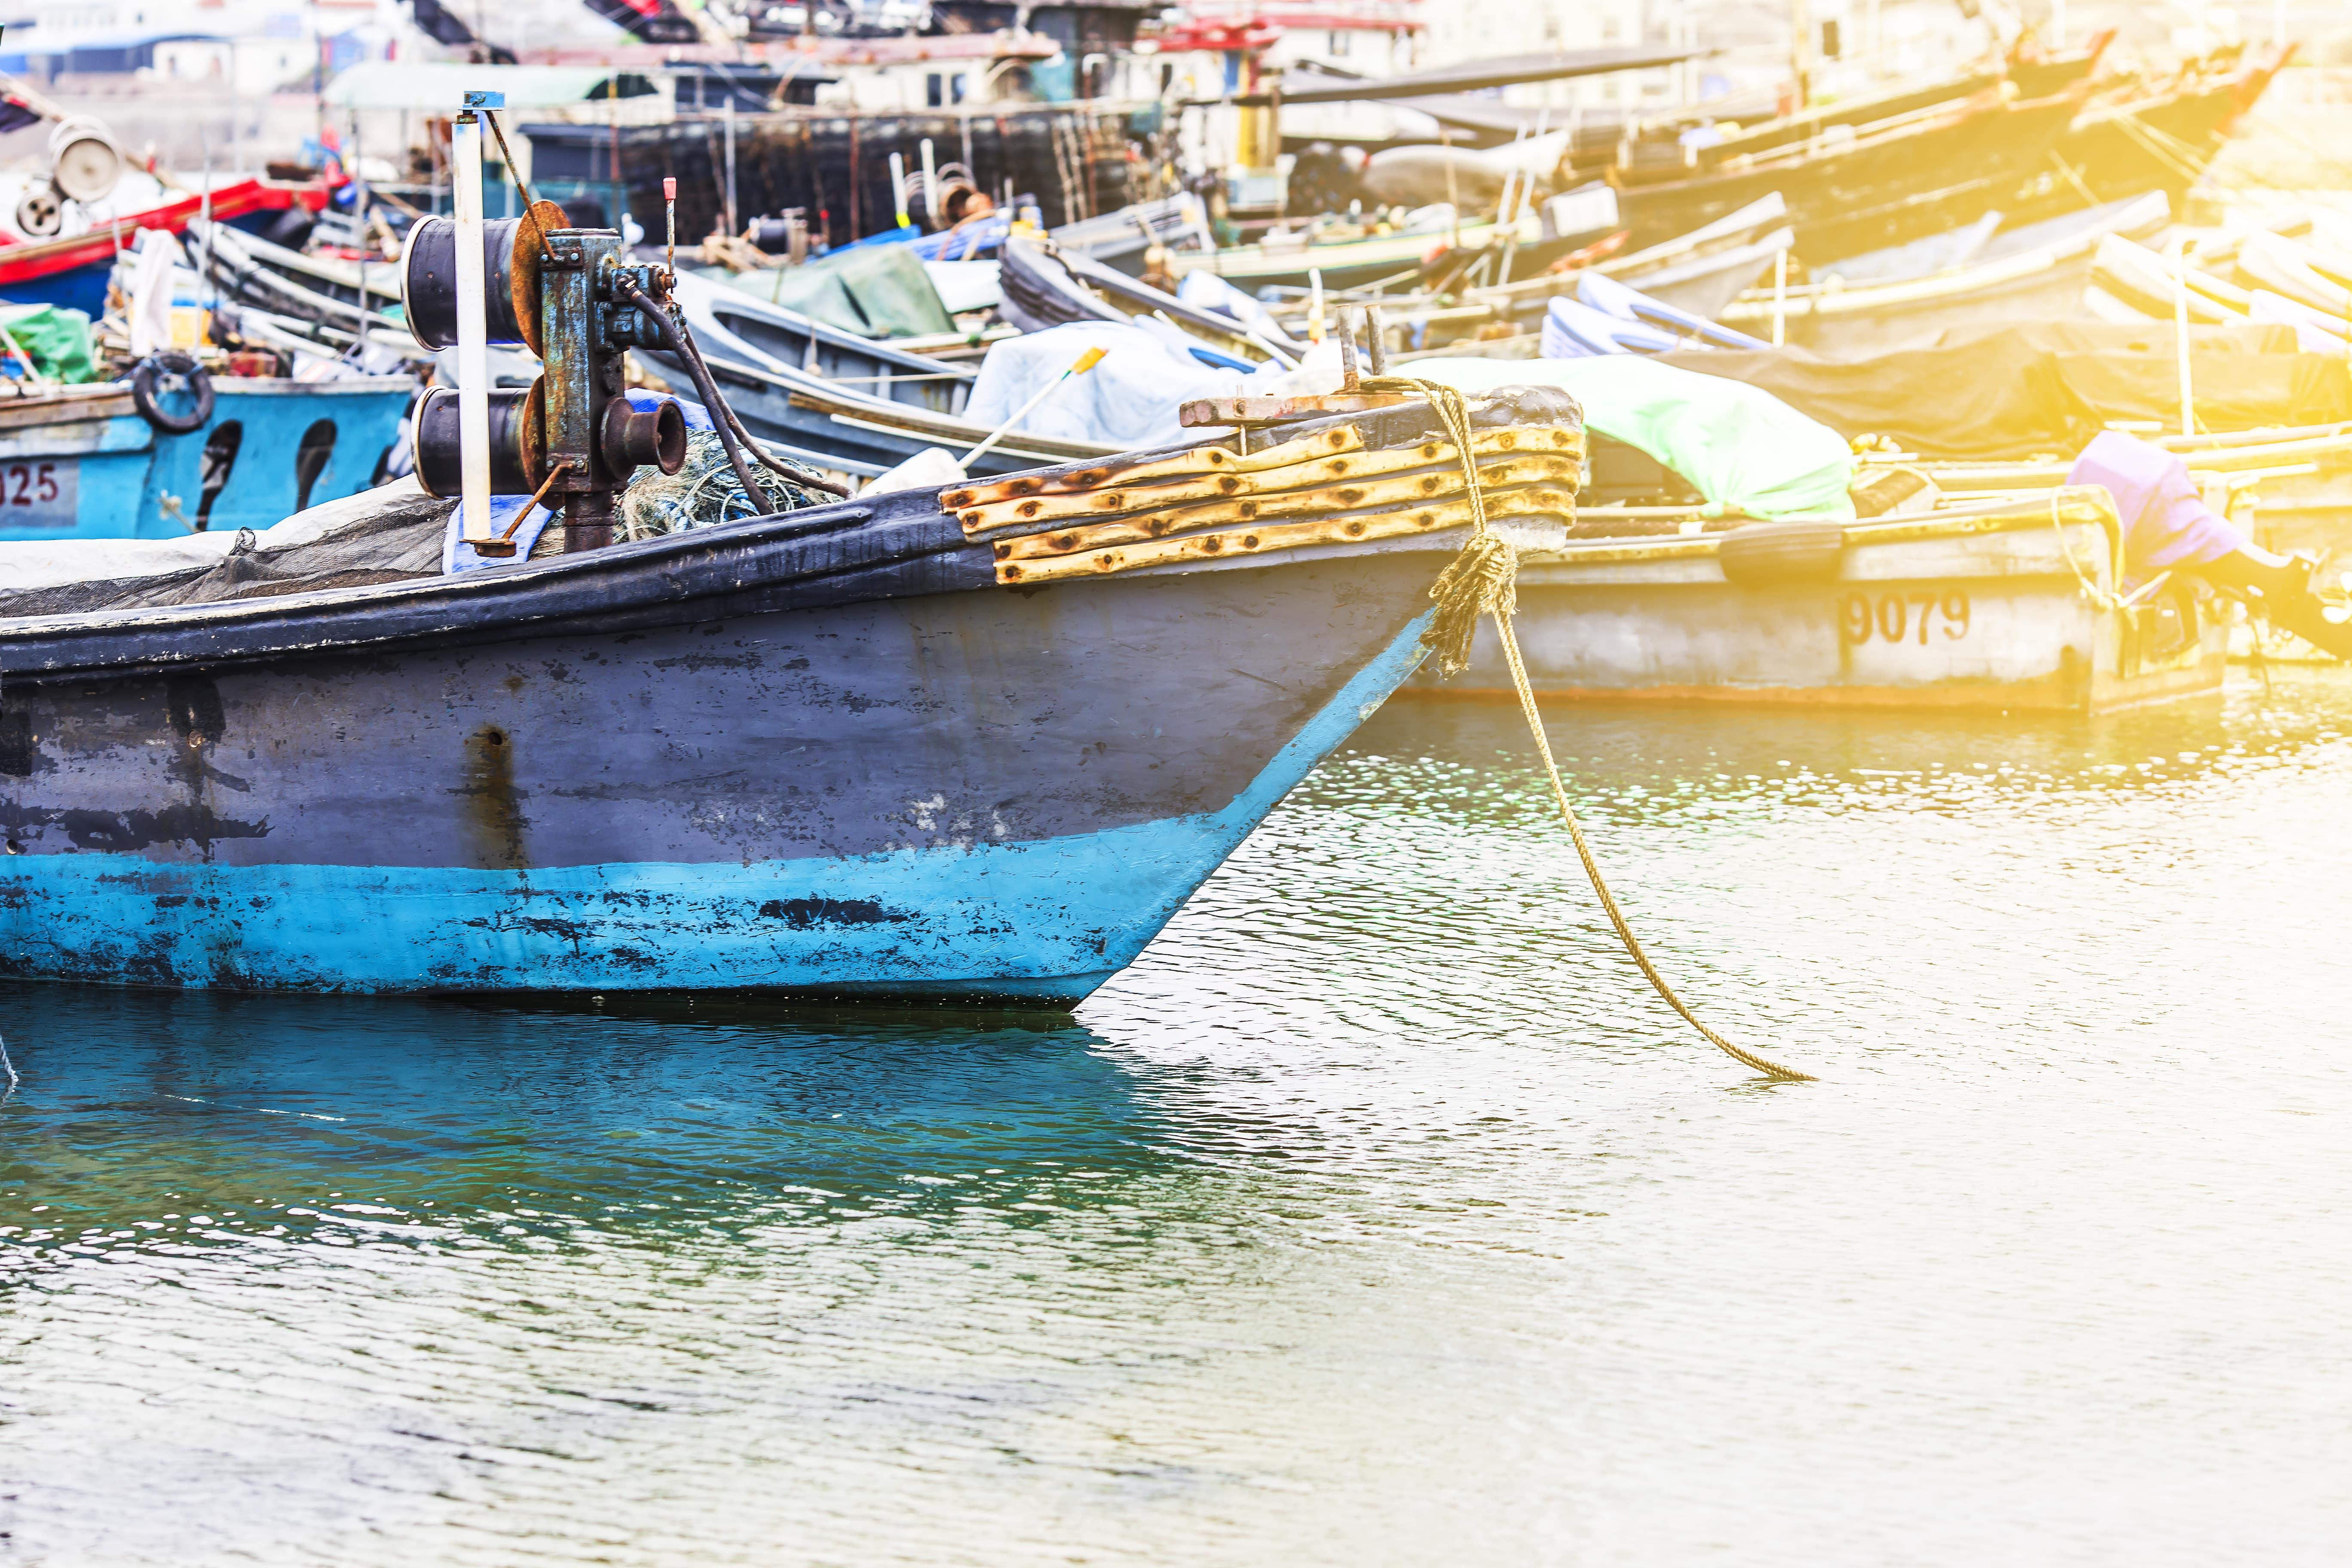 Concilier préservation de l'environnement et compétitivité de notre filière pêche